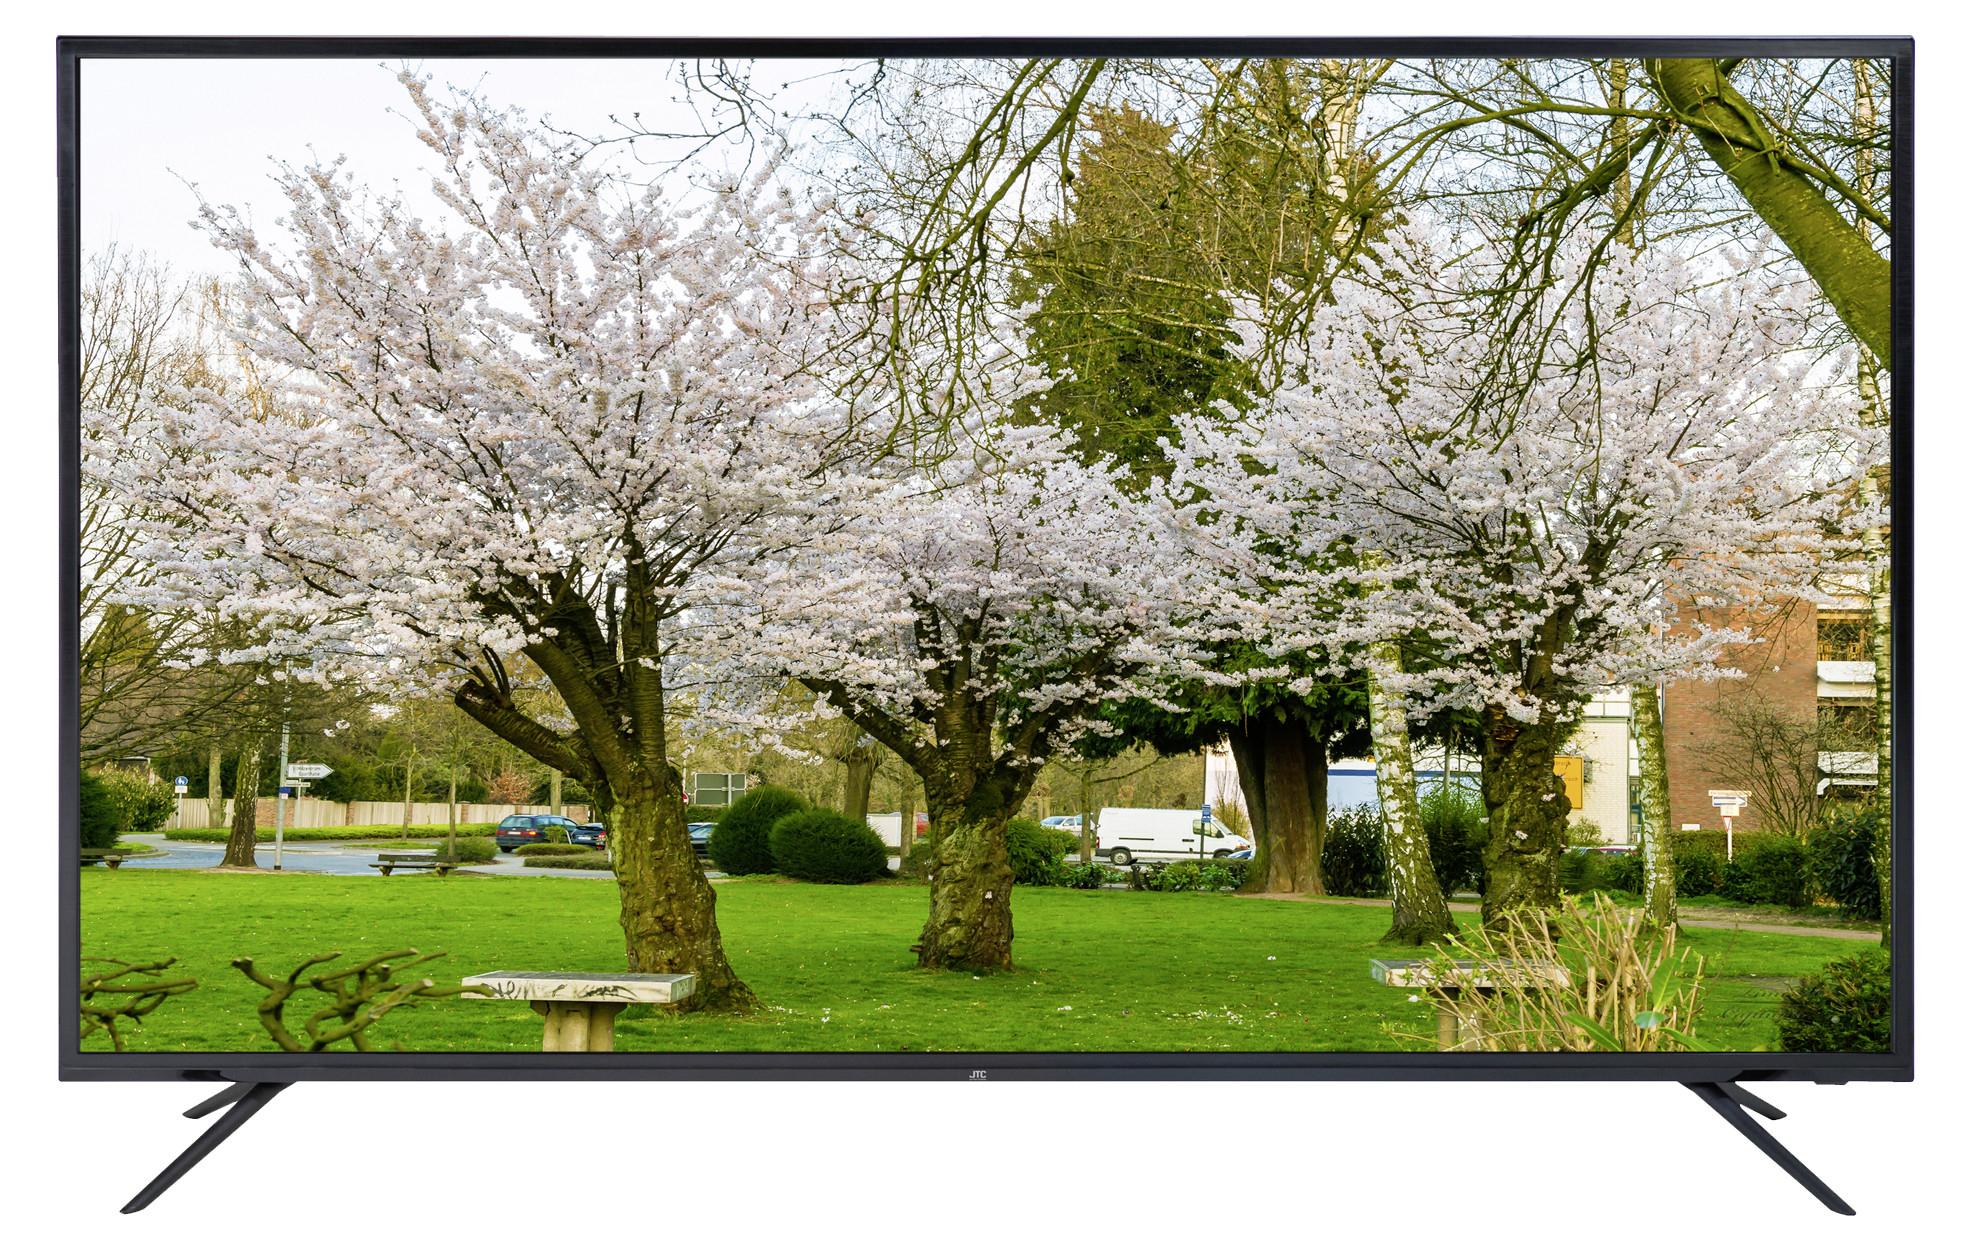 [Real Offline] JTC Full HD LED TV 139cm (55 Zoll) Atlantis 5.5 FHD, Triple Tuner,